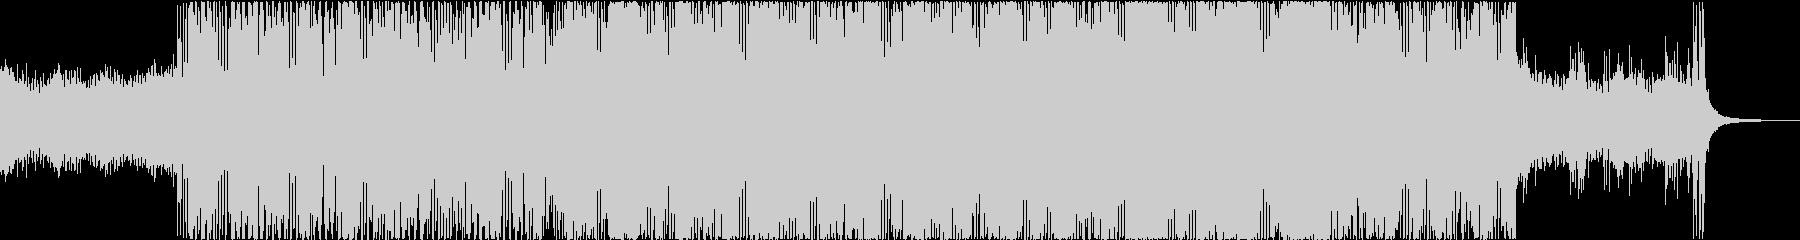 ナイト ドライブ レトロ シンセウェイブの未再生の波形